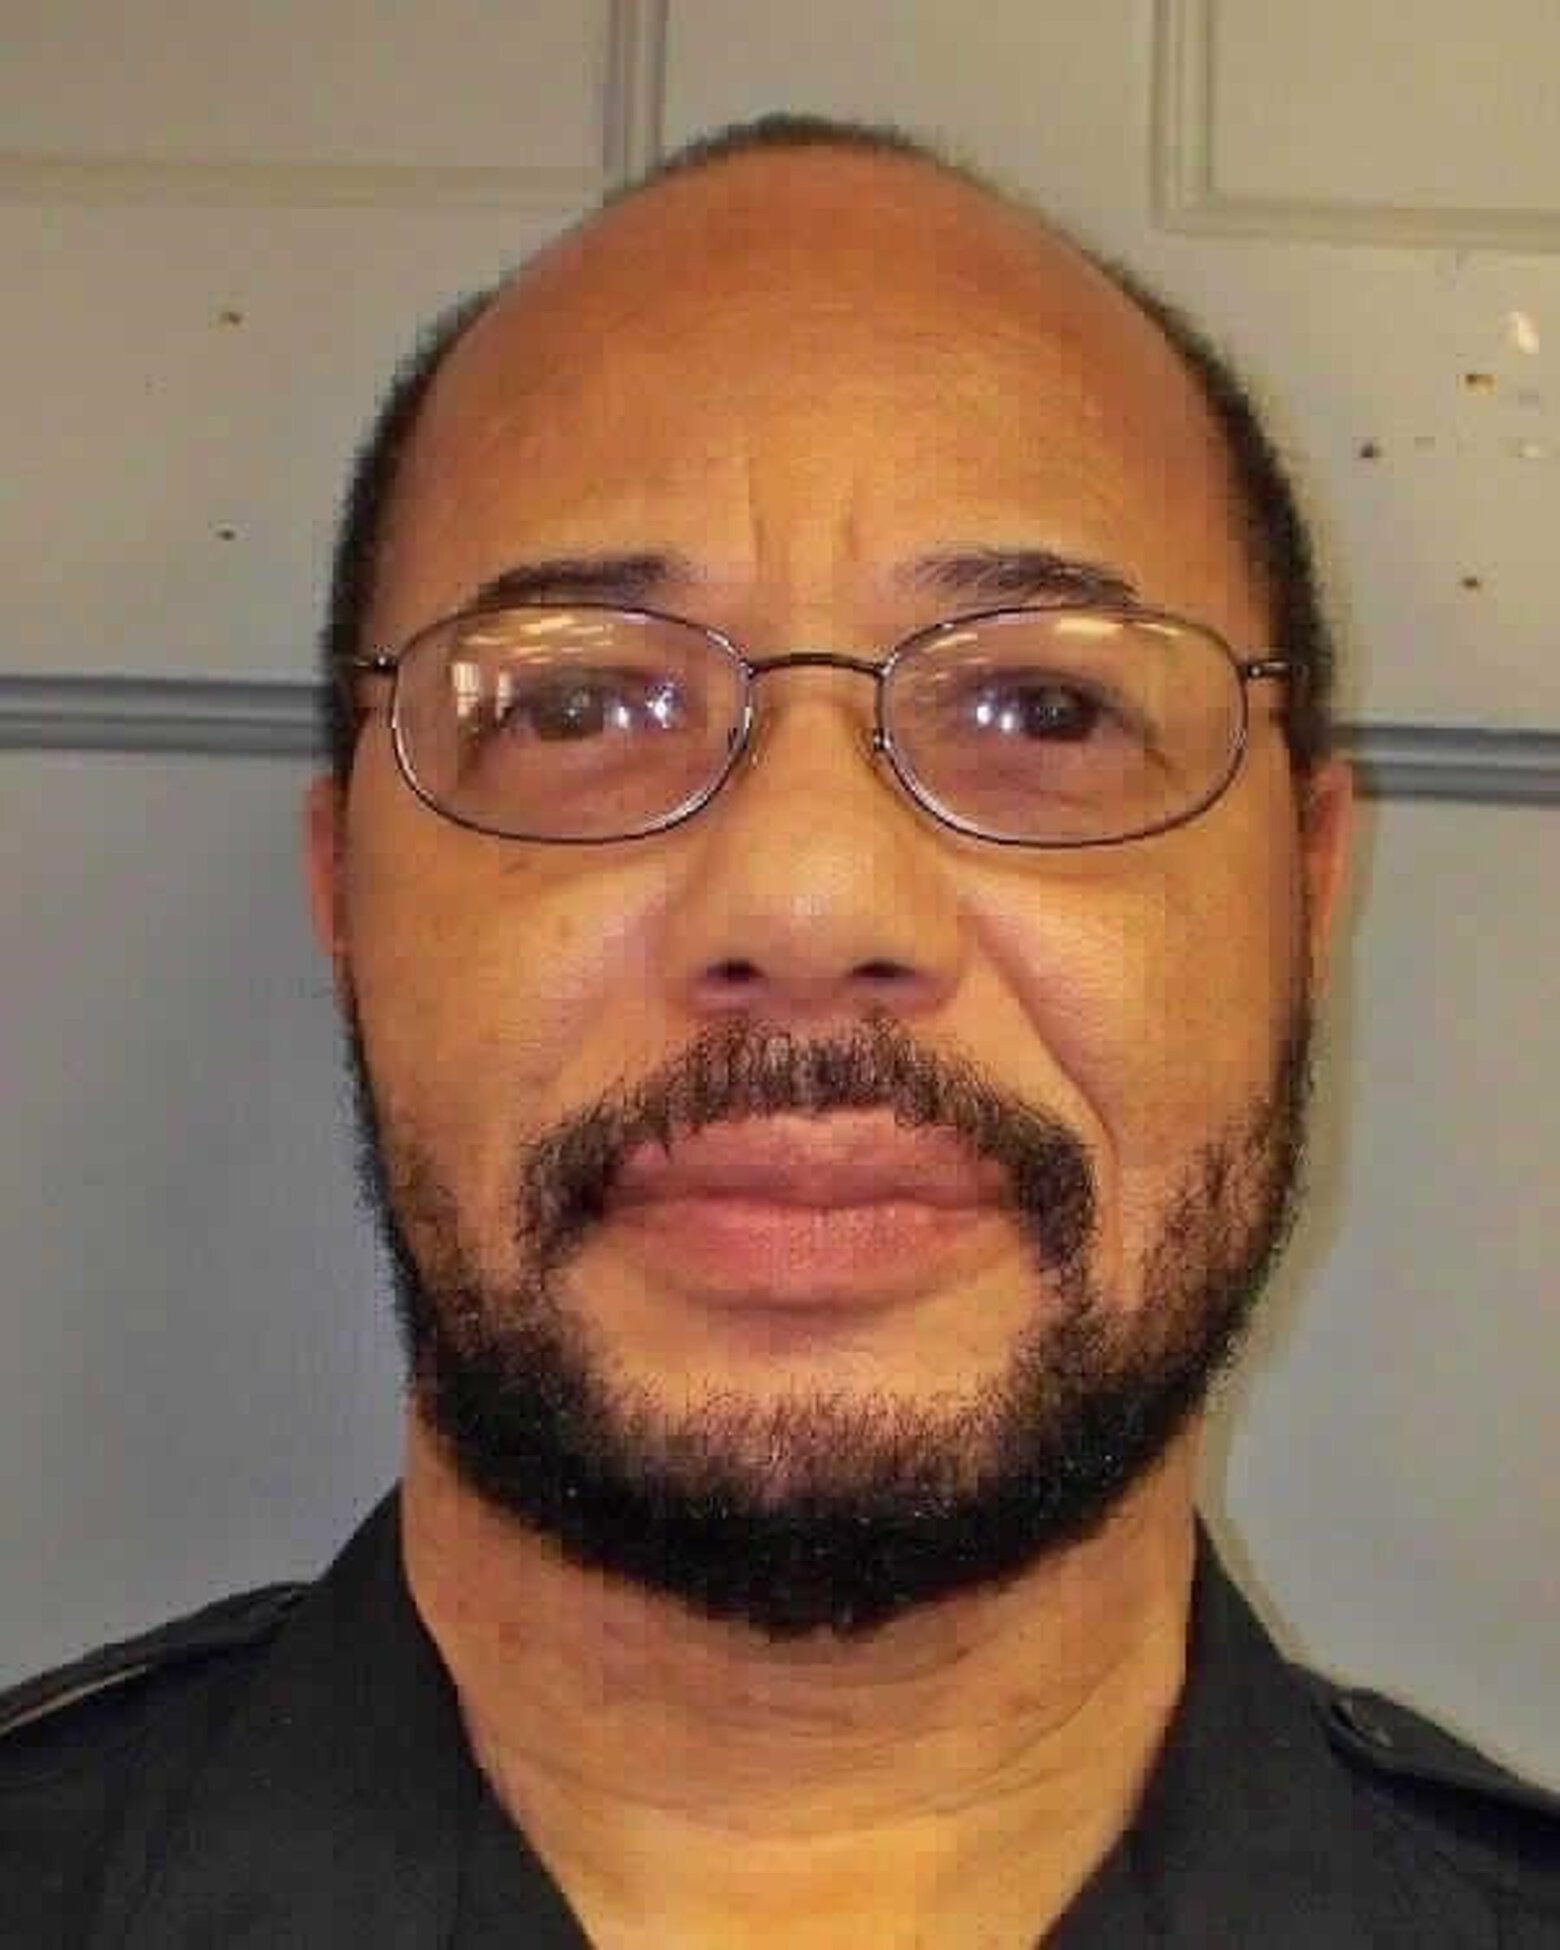 Correctional Officer Berisford Anthony Morse | Washington State Department of Corrections, Washington